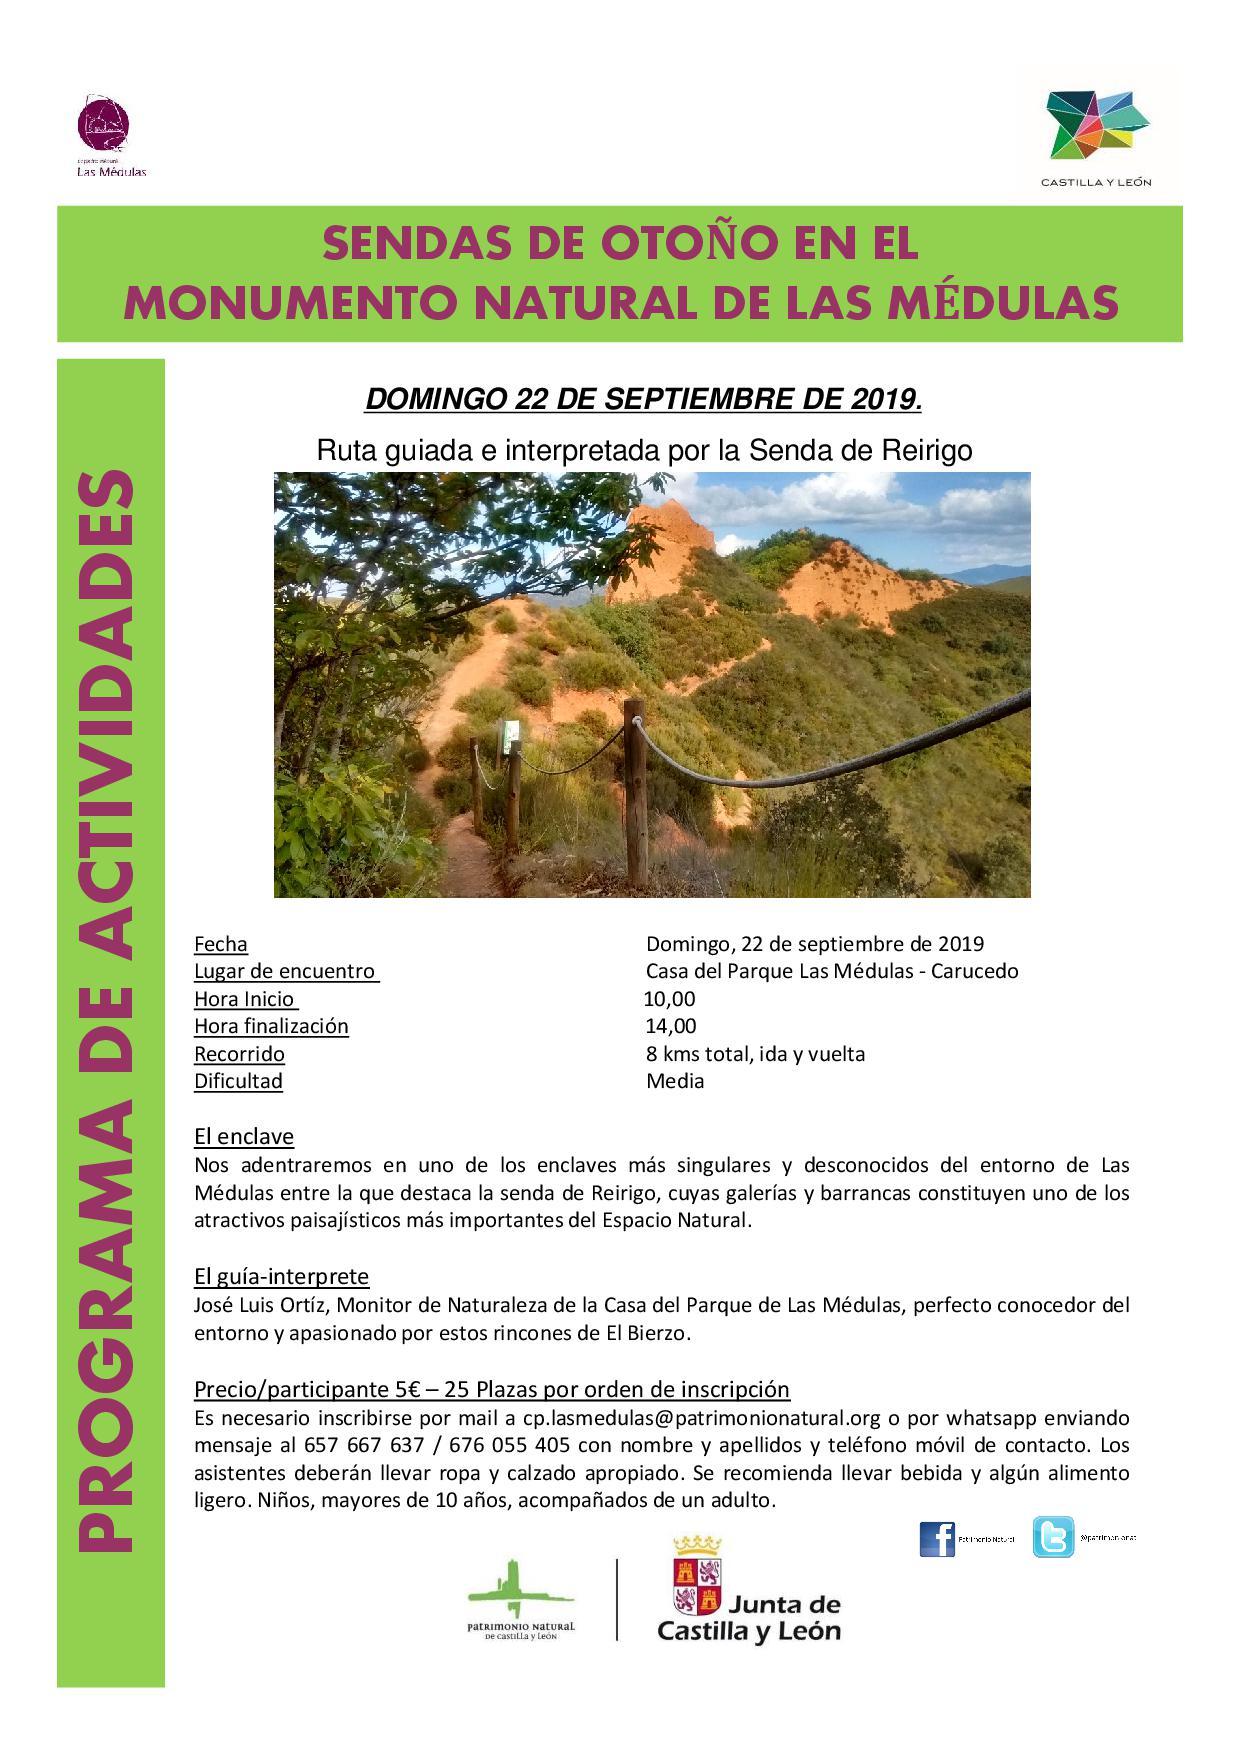 la Casa del Parque de las Médulas organiza este domingo una ruta de otoño por la Senda de Reirigo 2